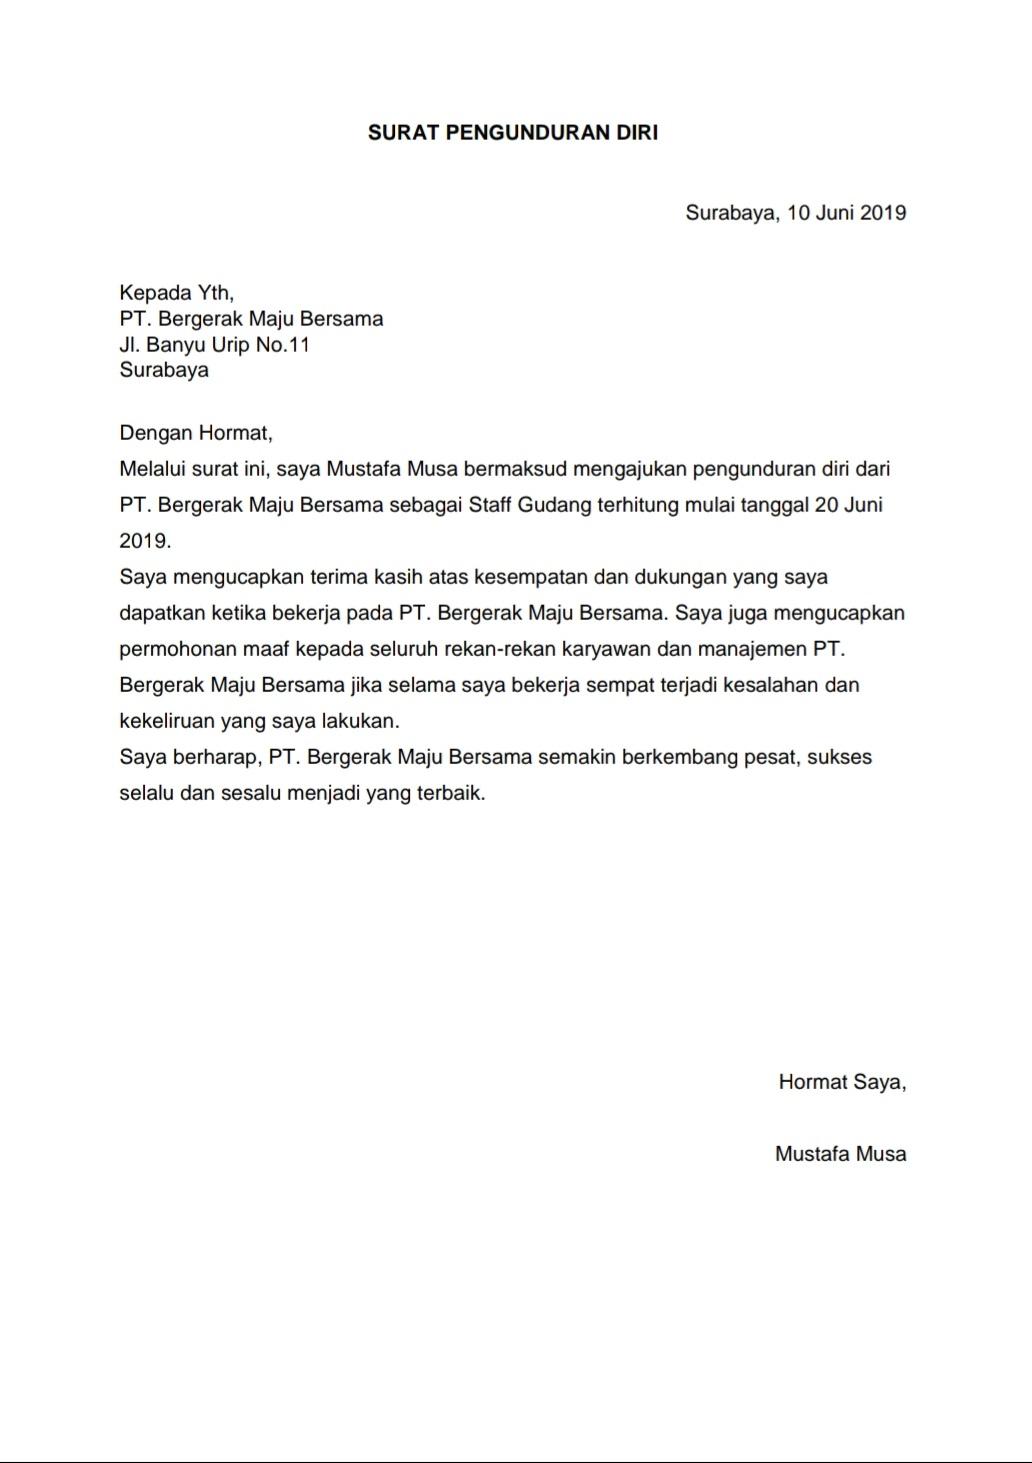 Contoh Surat Pengunduran Diri Atau Surat Resign Karyawan Dari Suatu Perusahaan Rajaloker Artikel